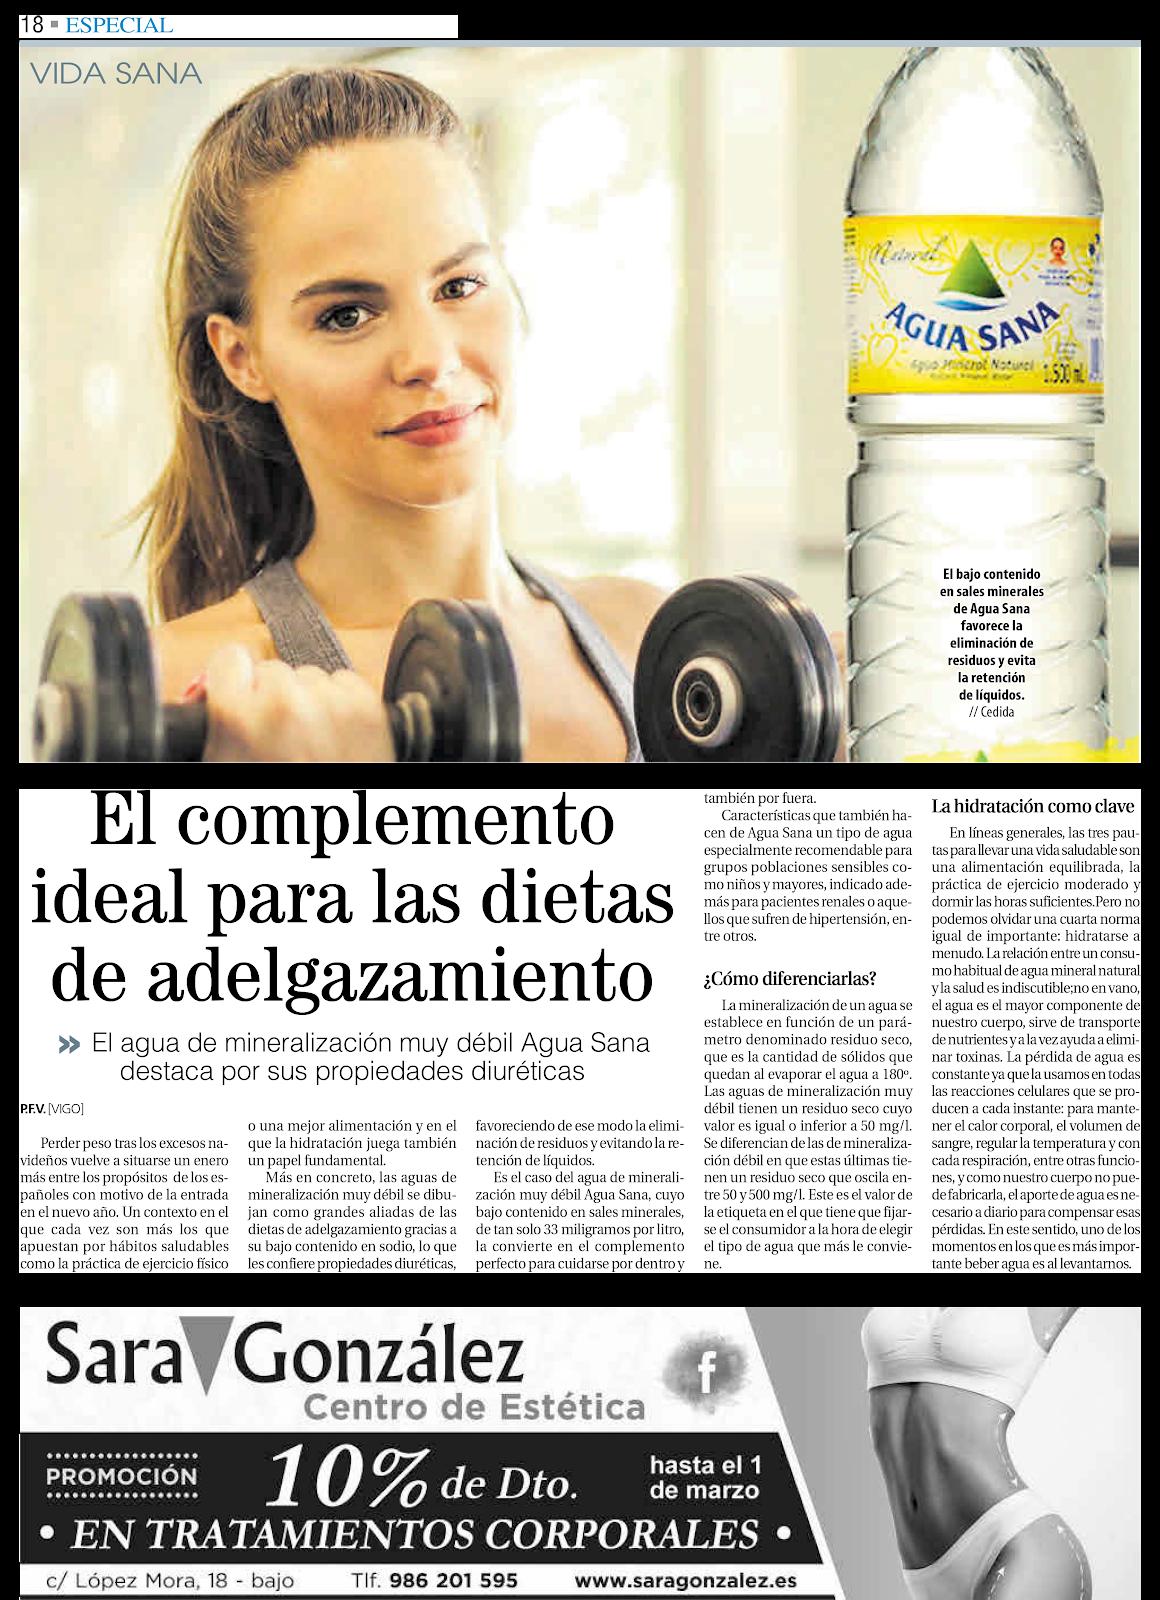 Especial vida Sana en el Faro de Vigo: beber Agua Sana te ayuda adelgazar